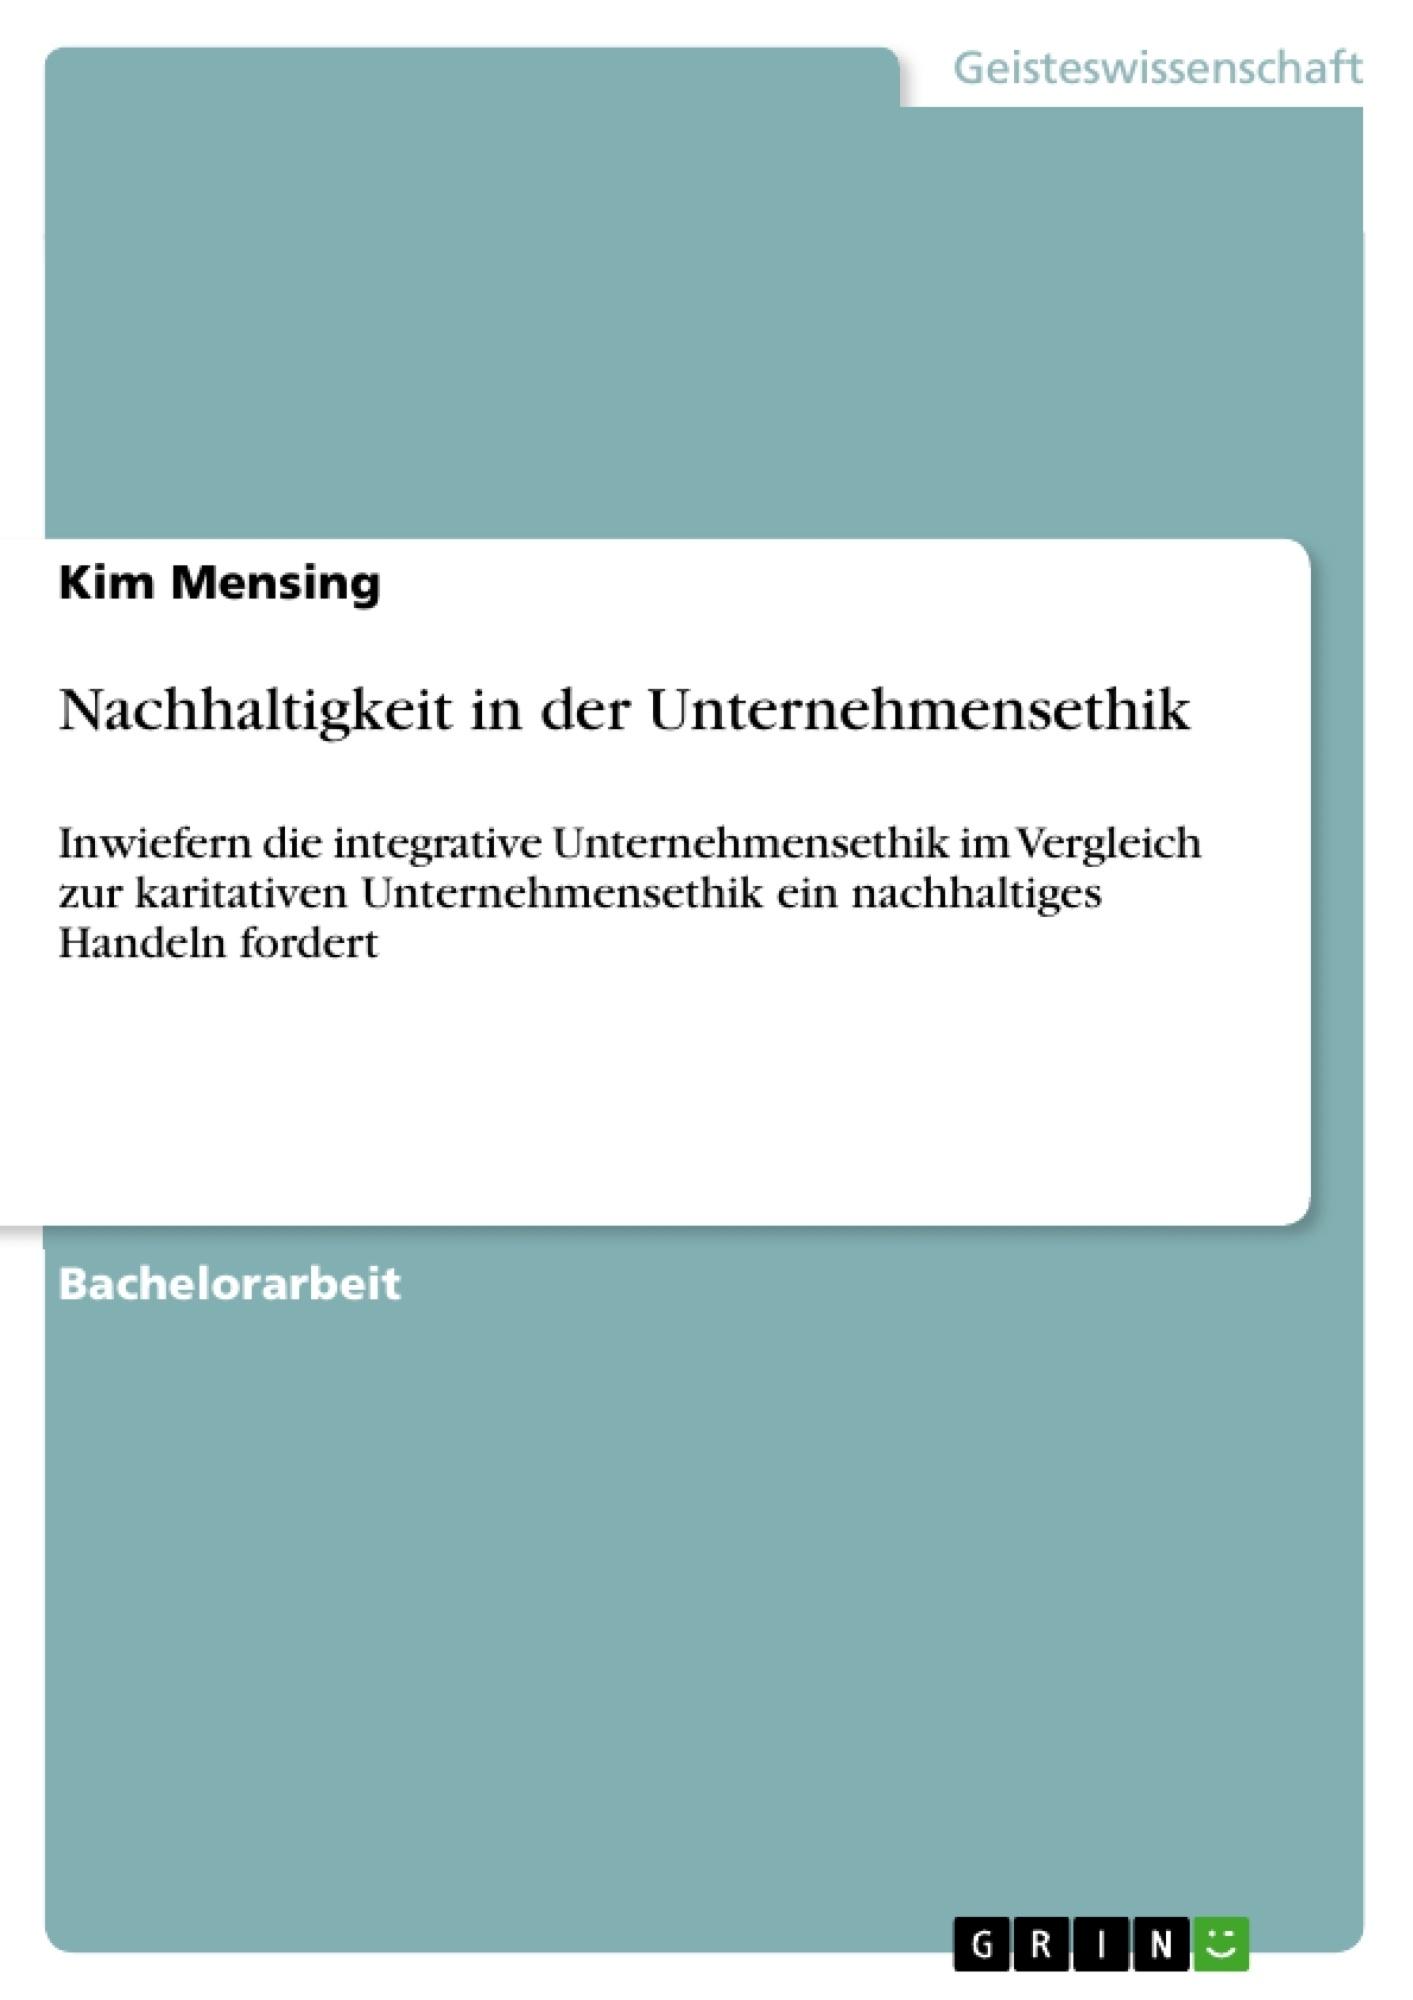 Titel: Nachhaltigkeit in der Unternehmensethik